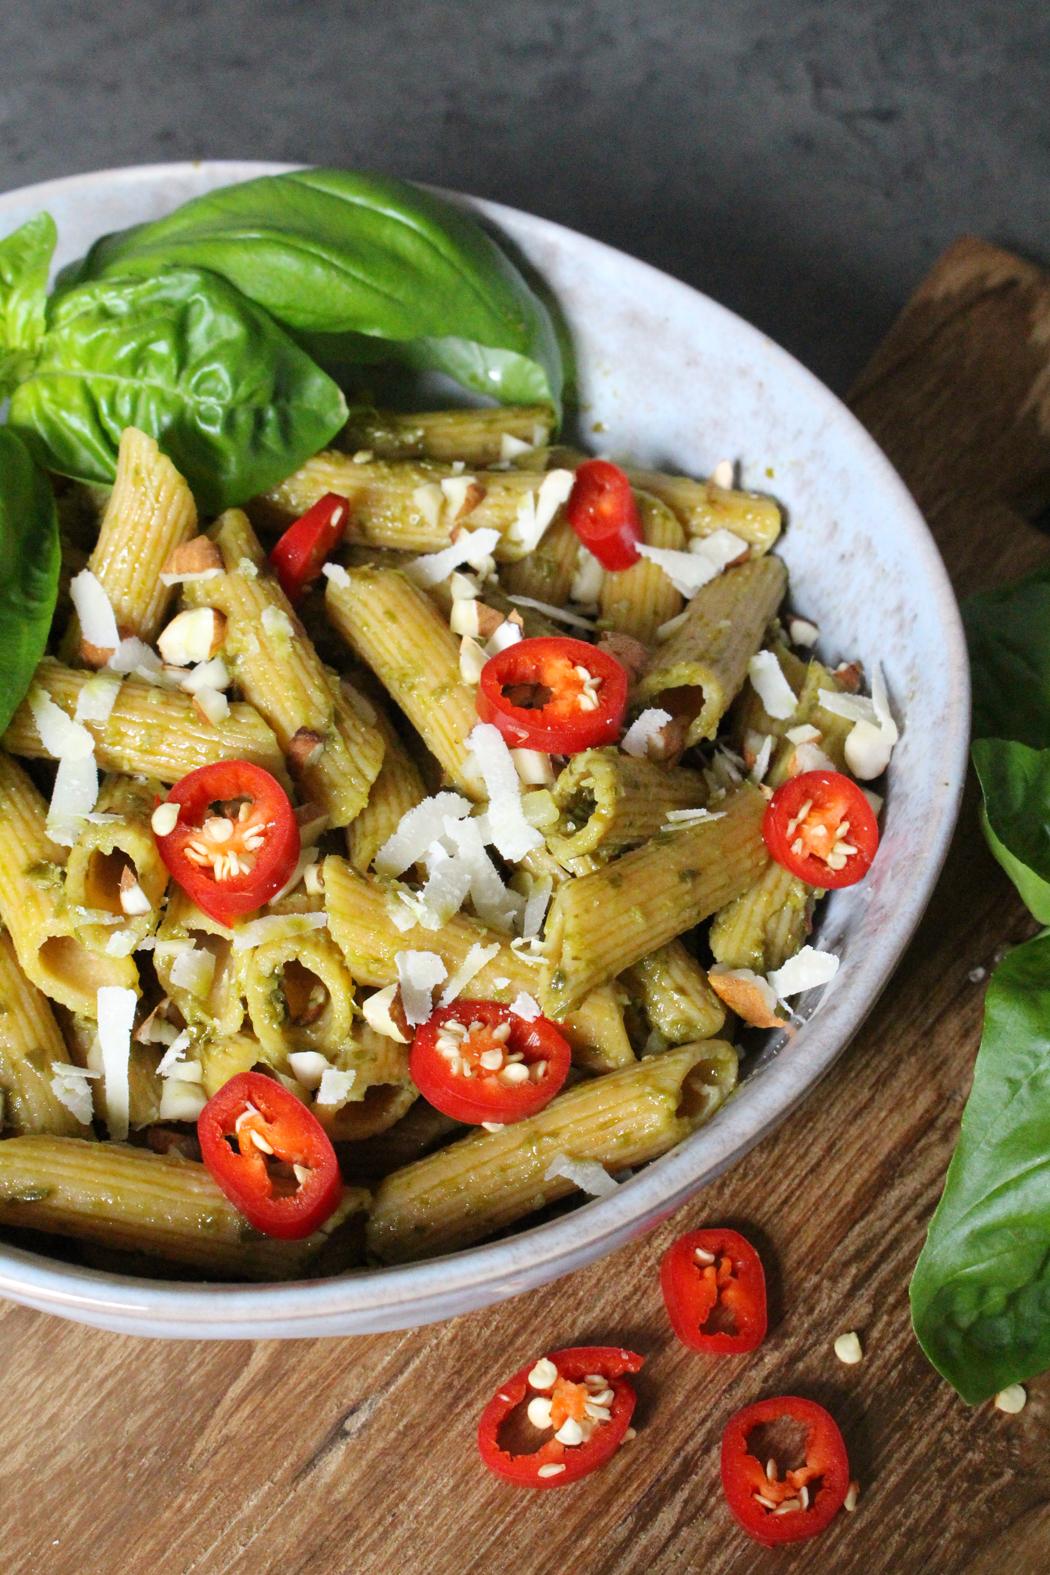 Glutenfreie Nudeln mit Mandel Basilkum Pesto01